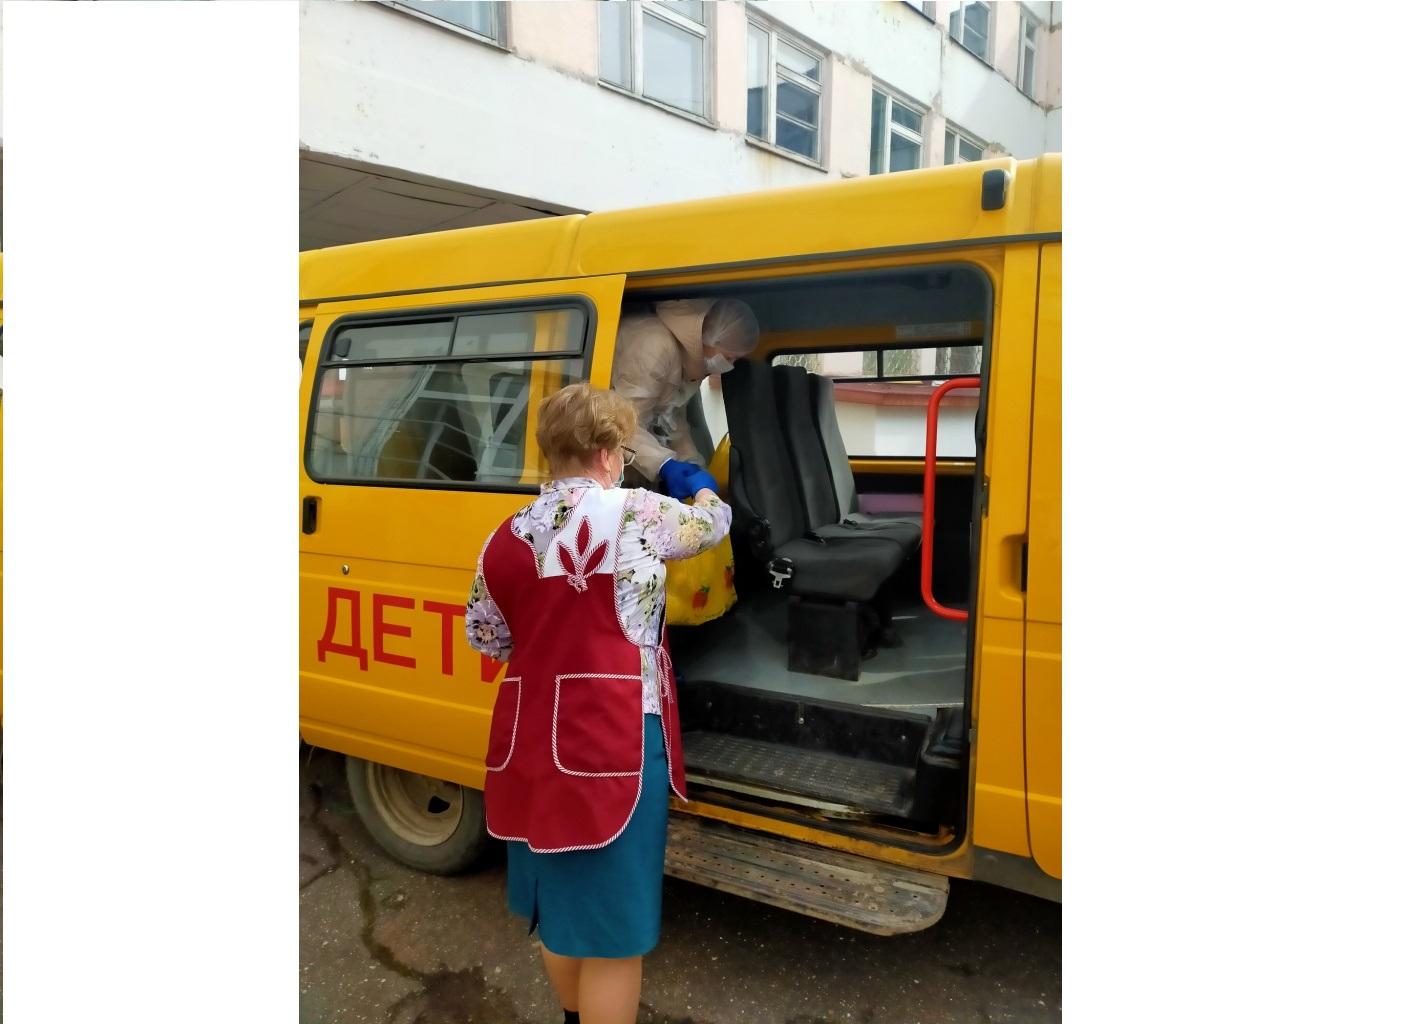 Продуктовые наборы для учащихся в удаленные населенные пункты Ярославской области доставляют школьные автобусы